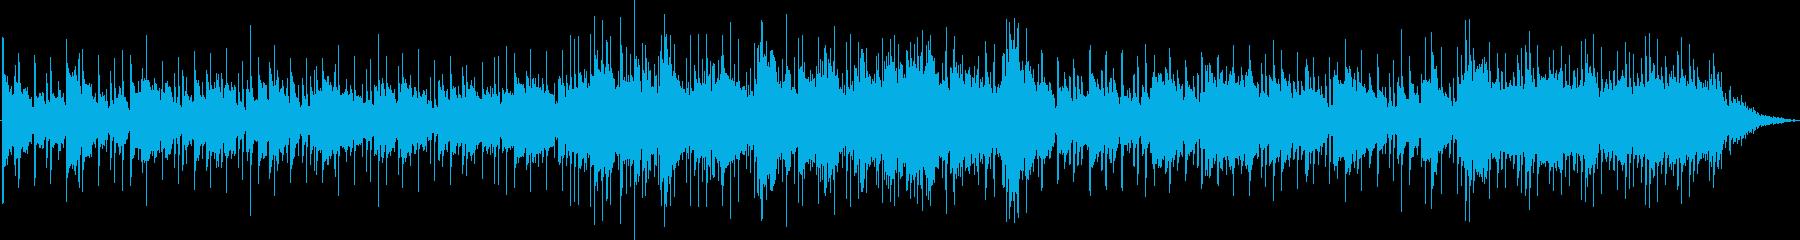 リチャード・クレイダーマンスタイル...の再生済みの波形